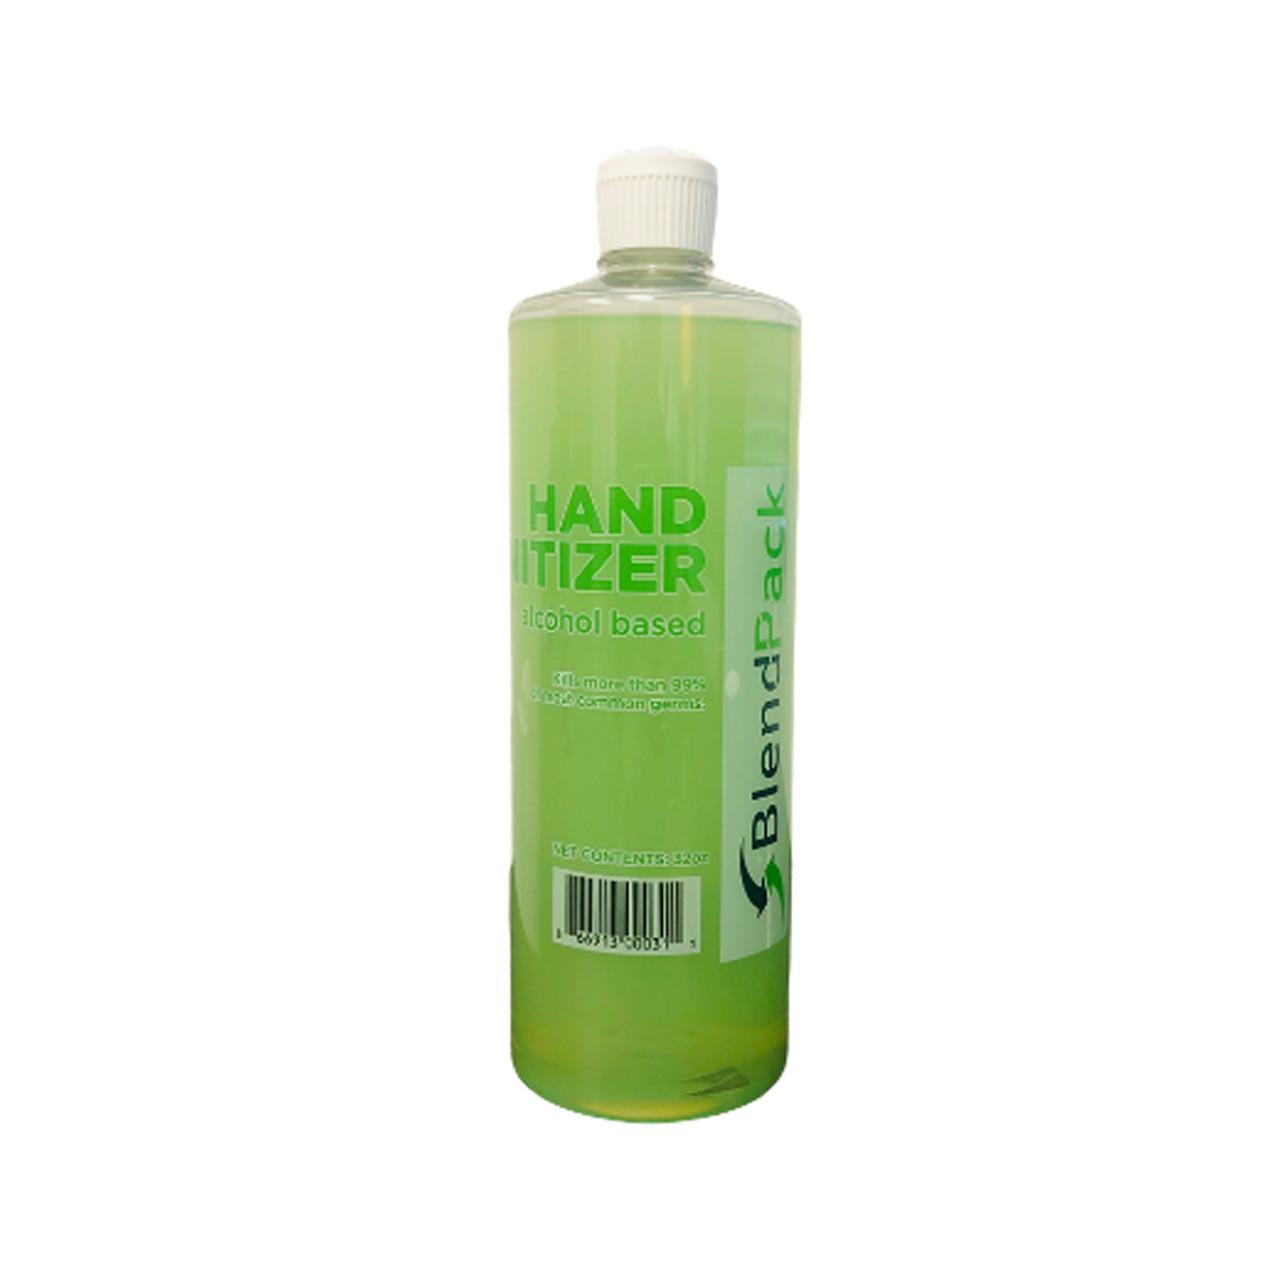 Hand Sanitizer 32 oz